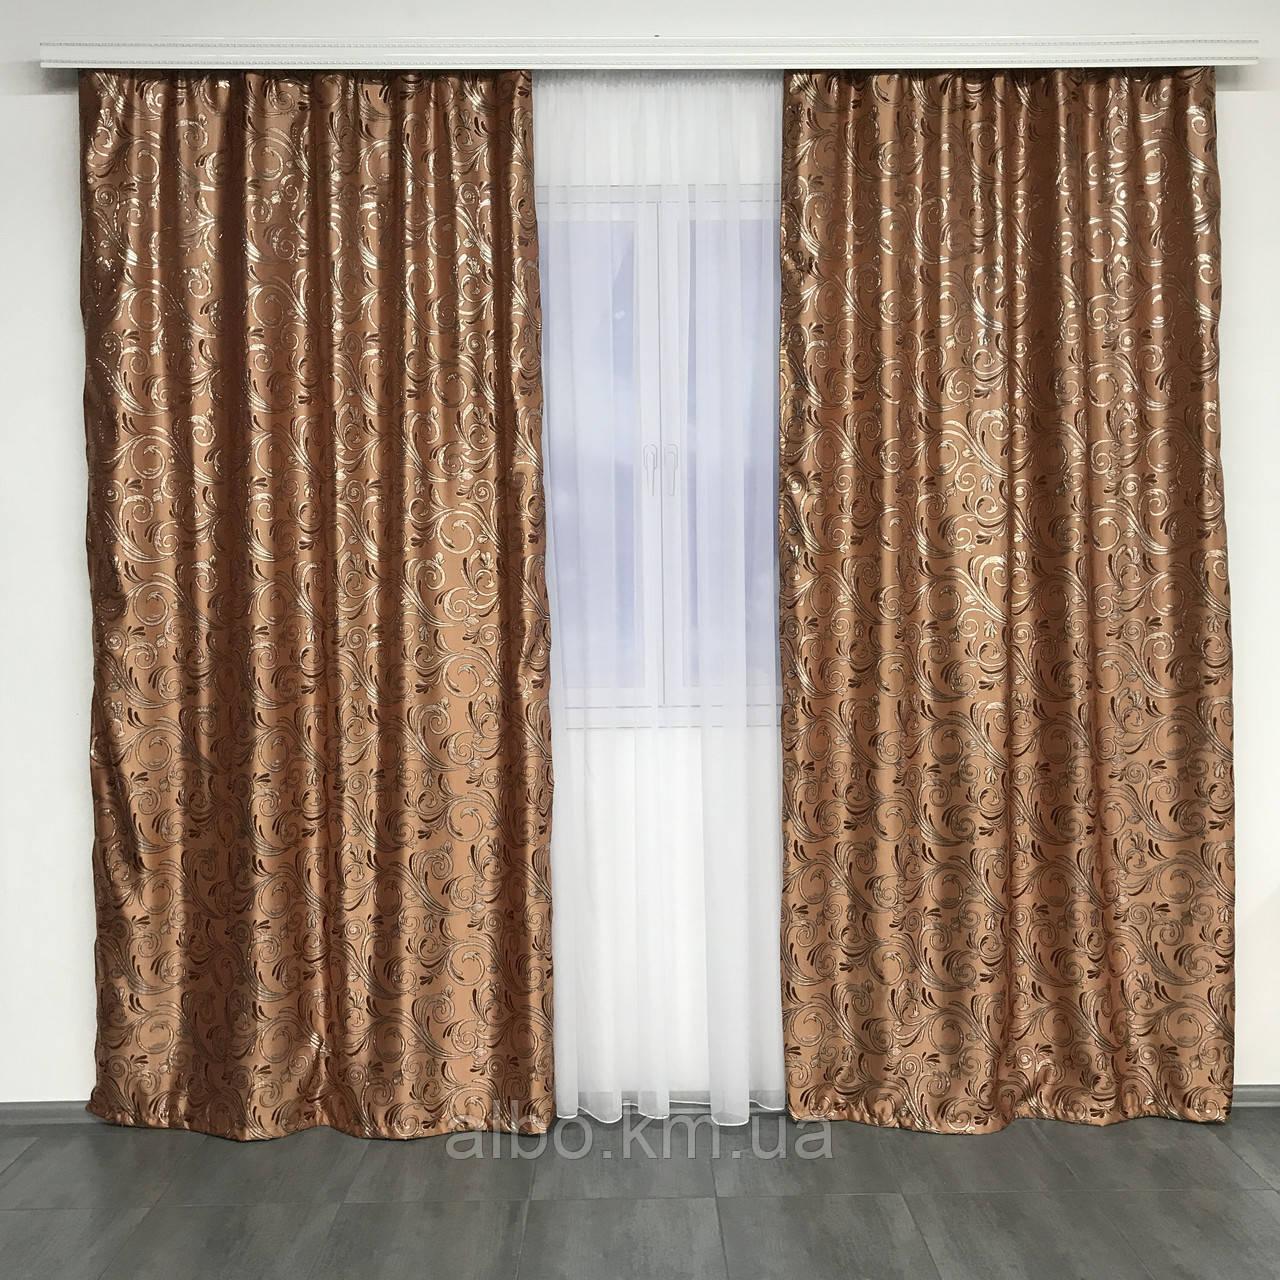 Готовые жаккардовые шторы для зала спальни кухни, шторы с люрексом в комнату зал квартиру, готовые шторы в